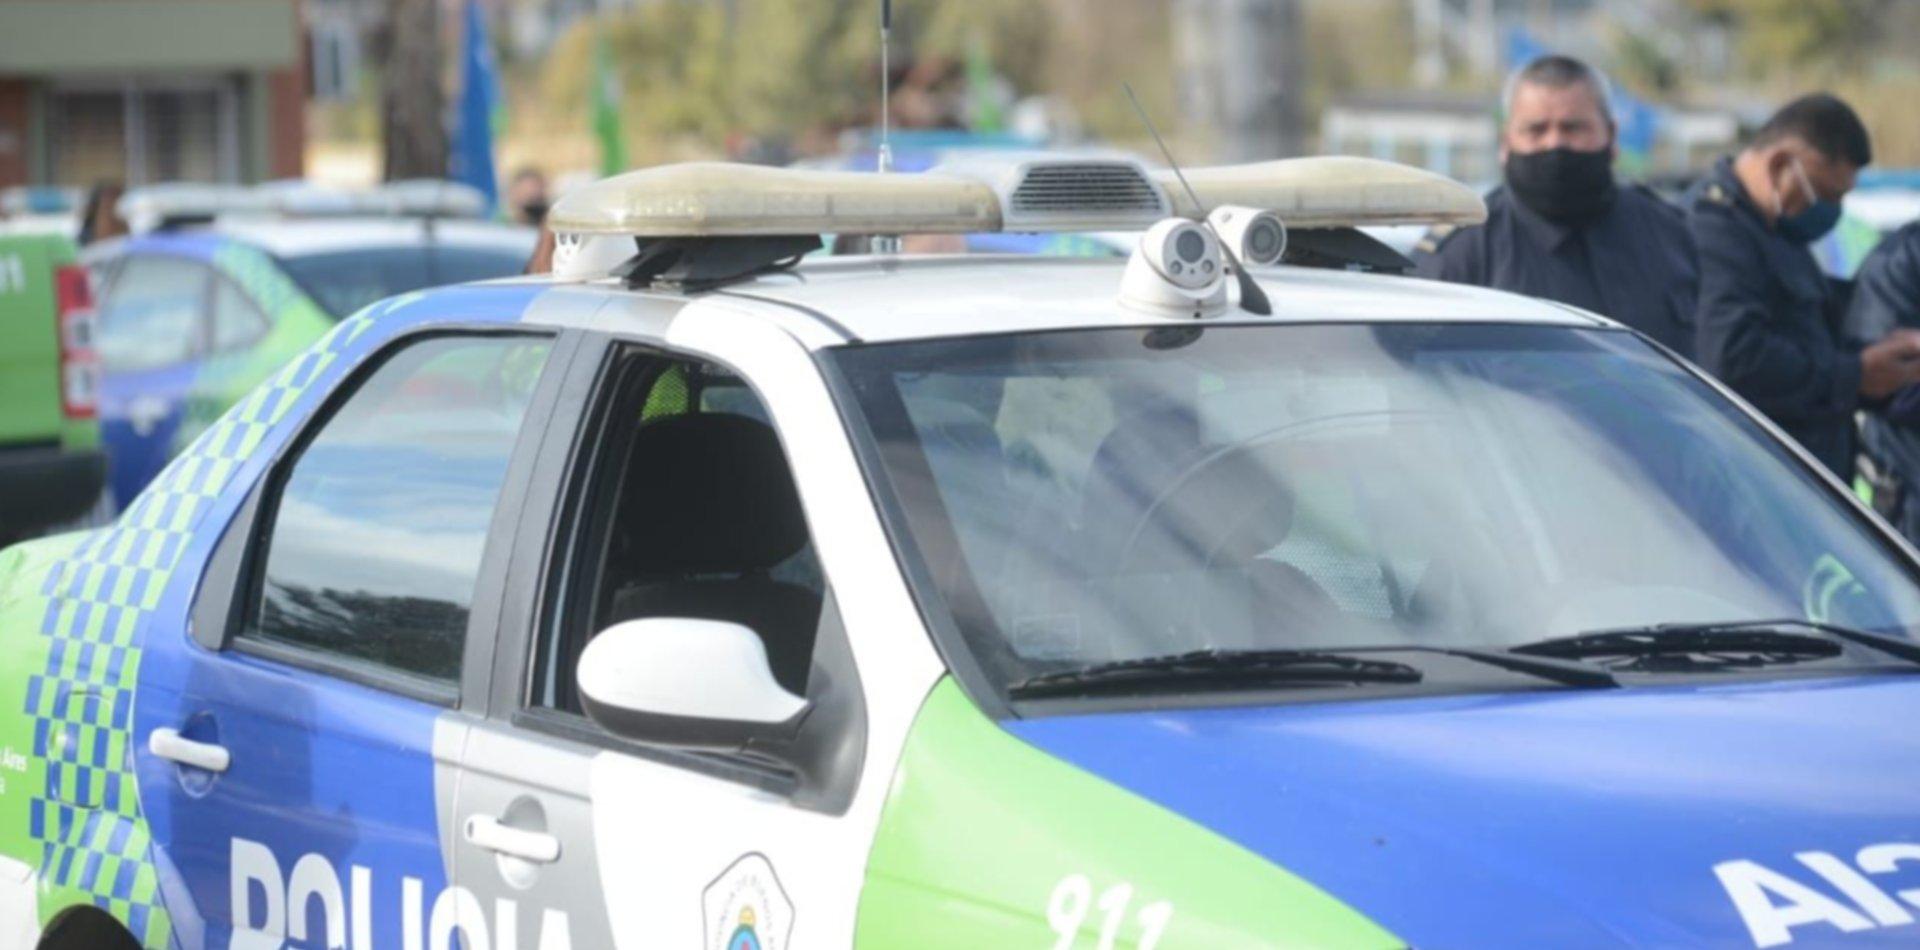 Conmoción en La Plata: denuncian que quisieron secuestrar a dos hermanitas de 13 y 10 años